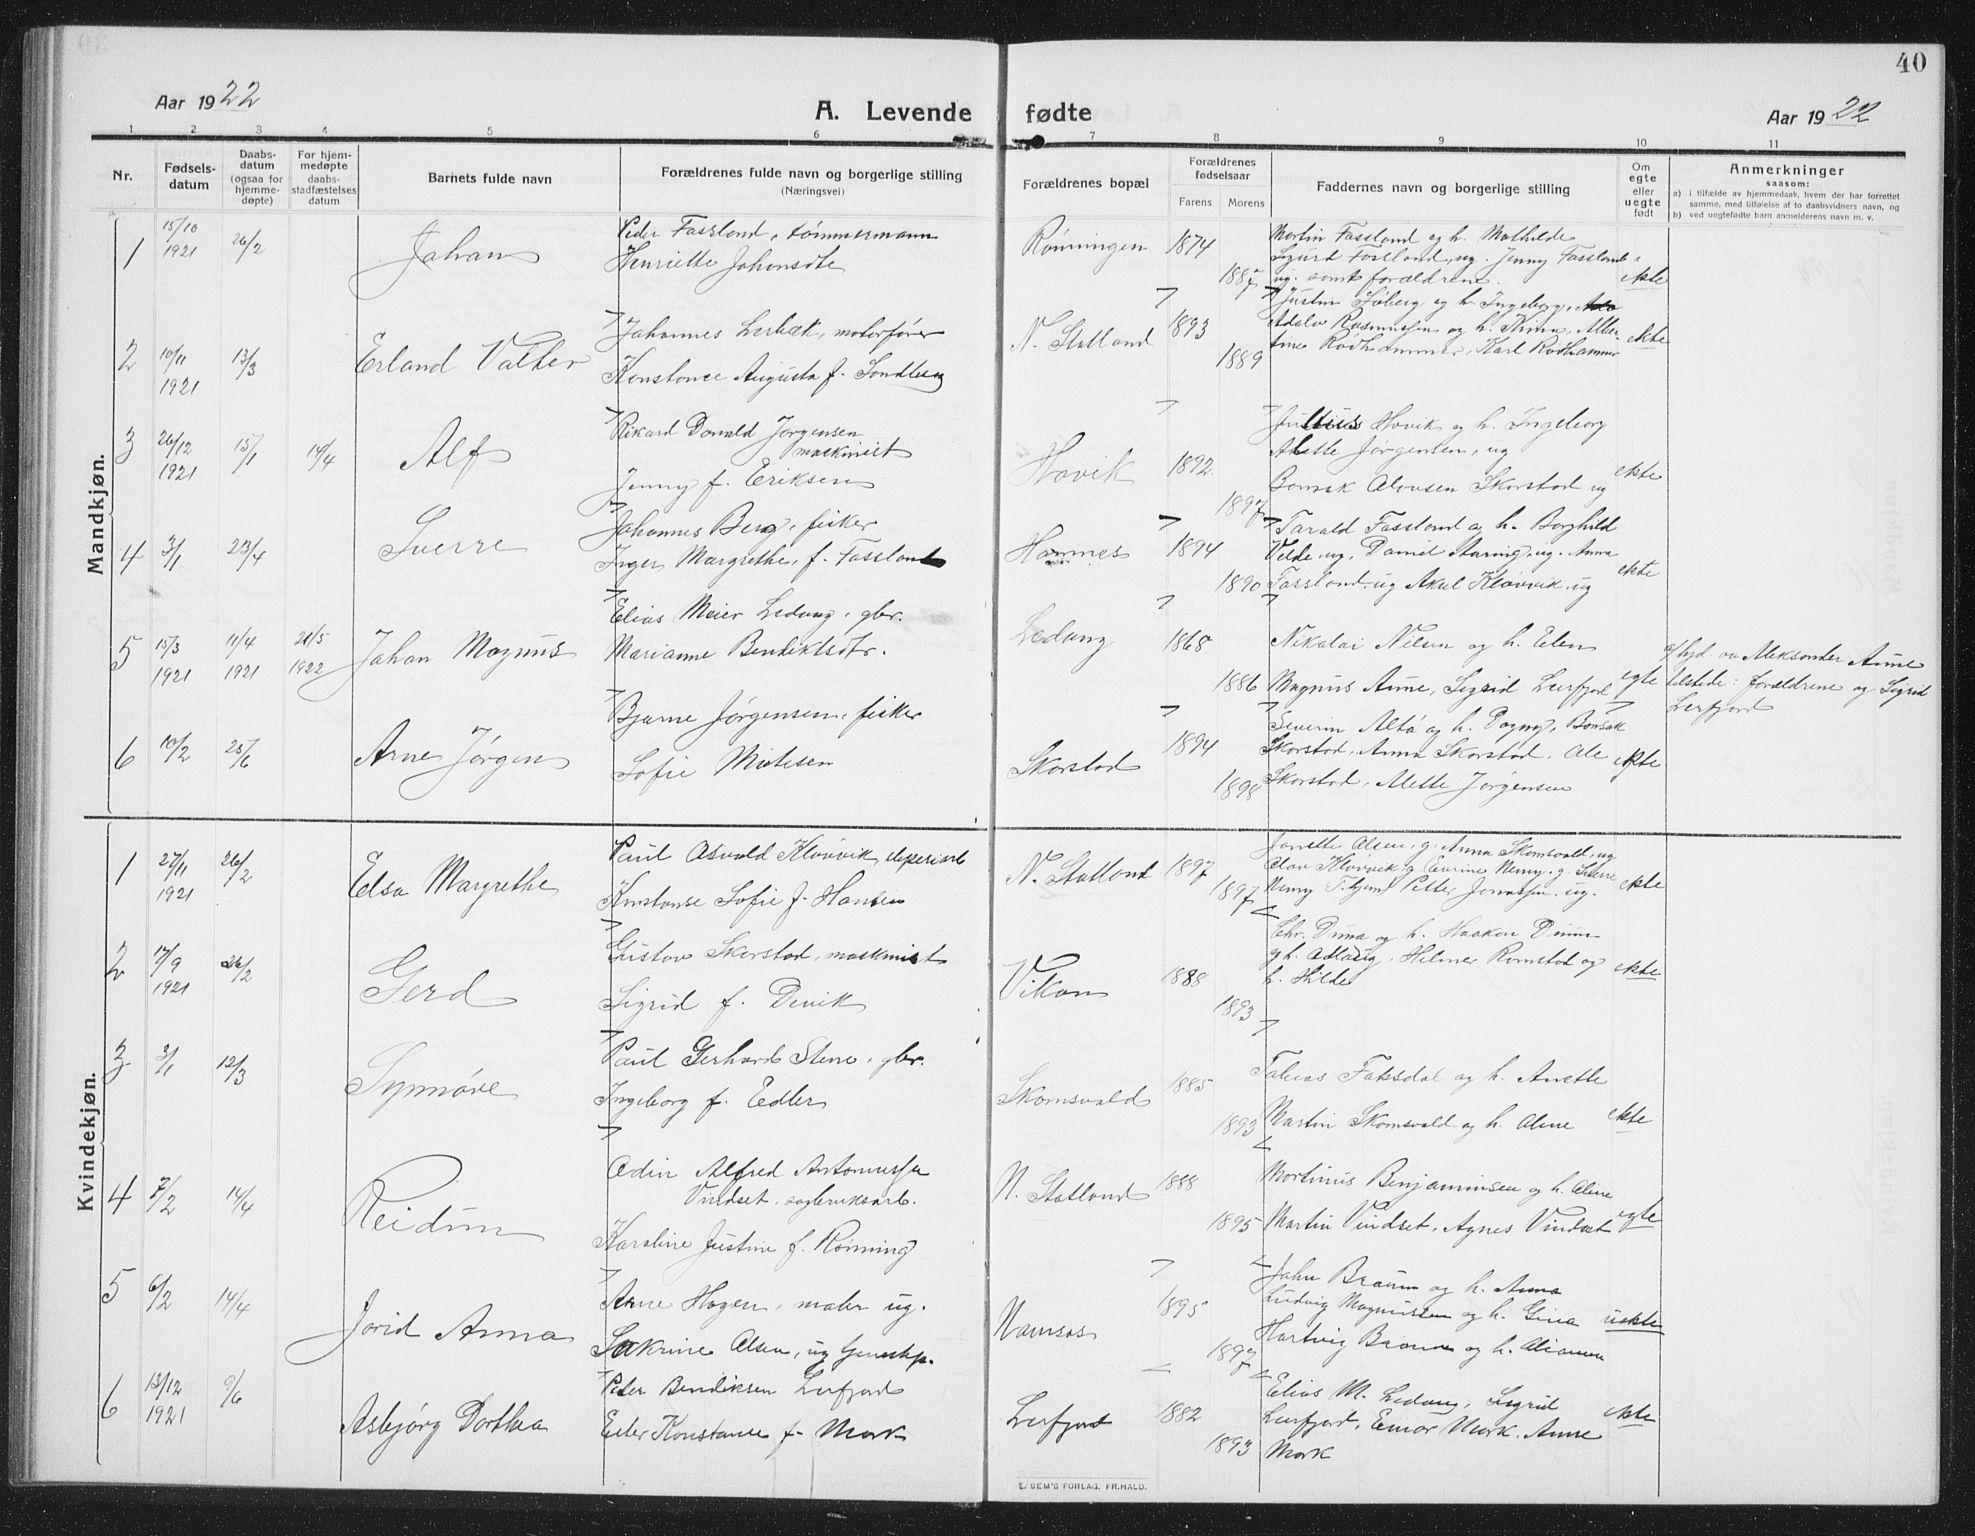 SAT, Ministerialprotokoller, klokkerbøker og fødselsregistre - Nord-Trøndelag, 774/L0630: Klokkerbok nr. 774C01, 1910-1934, s. 40